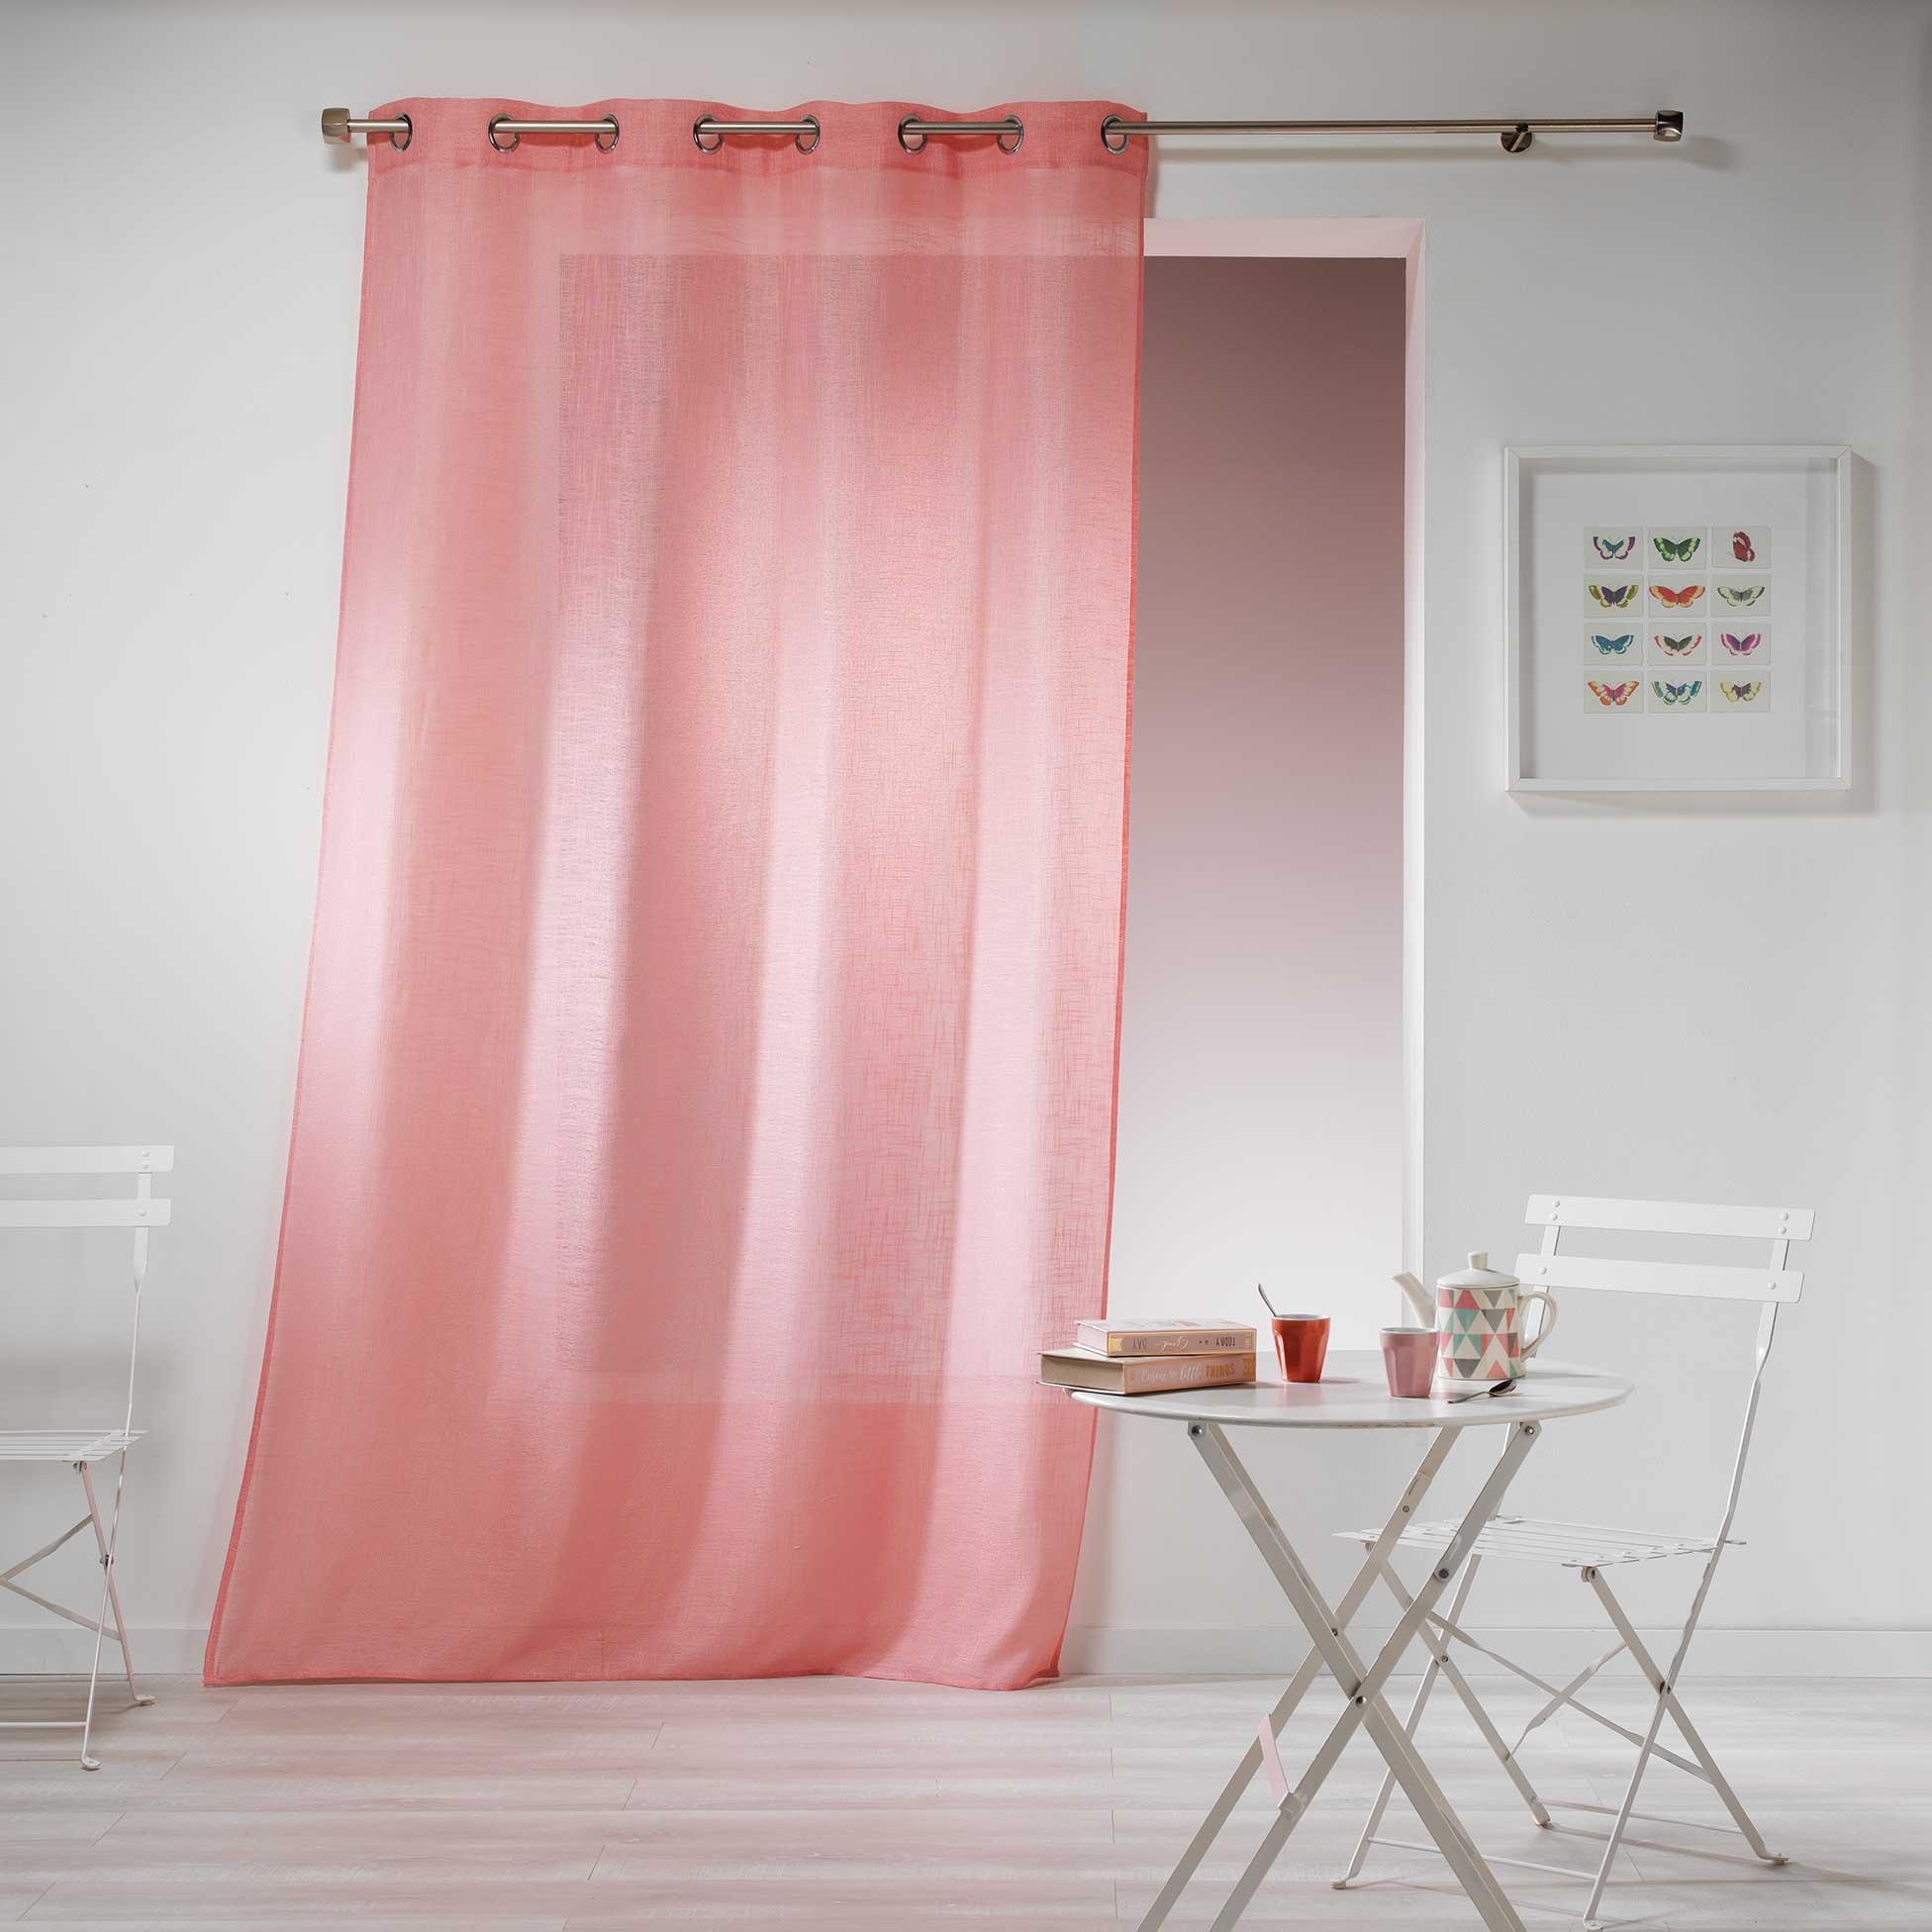 Transparent Eyelet Curtain Gaya, Powder Pink